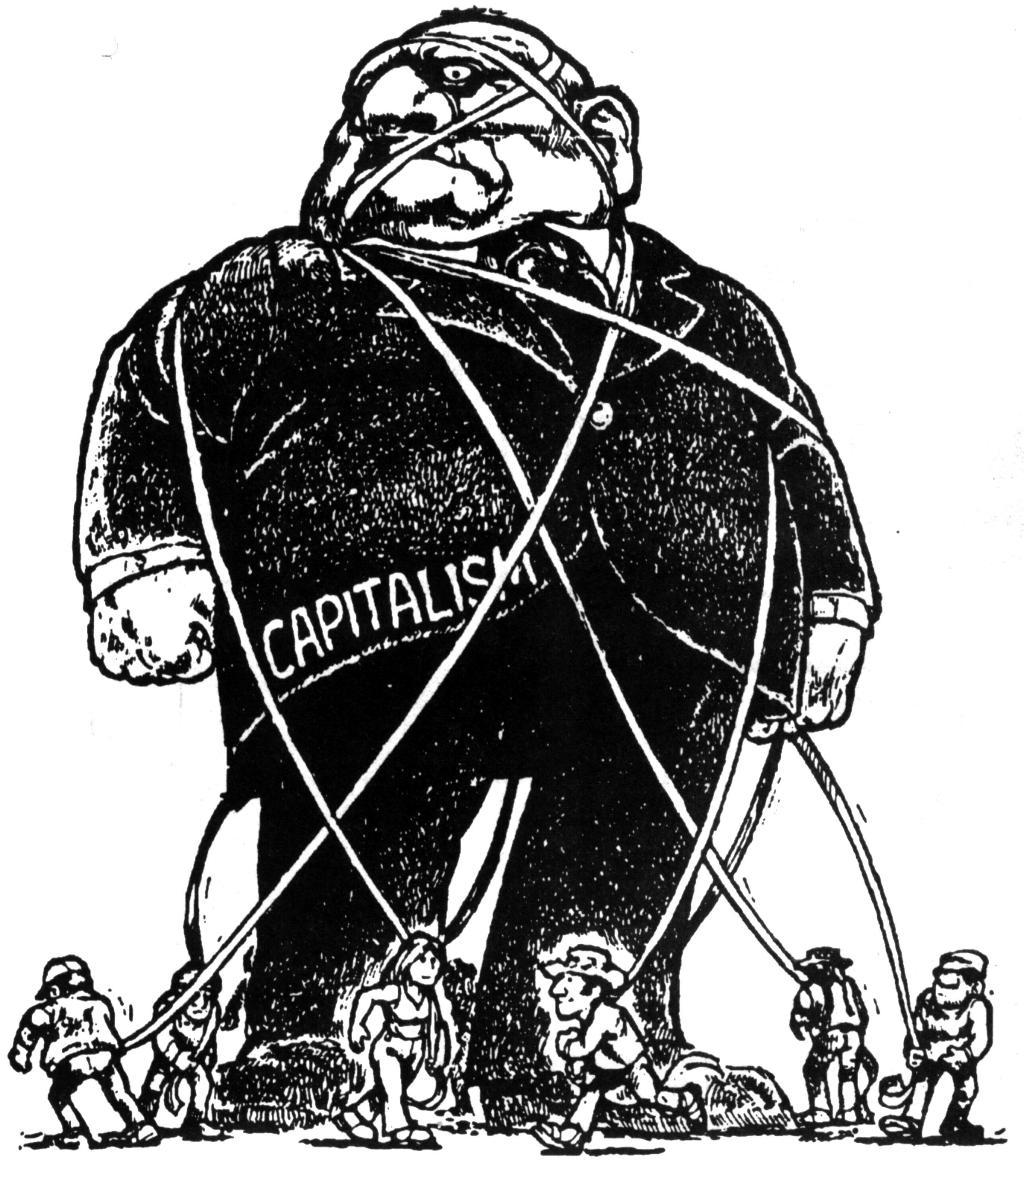 Apakah Benar Saat ini Kapitalisme Sudah Diujung Tanduk?